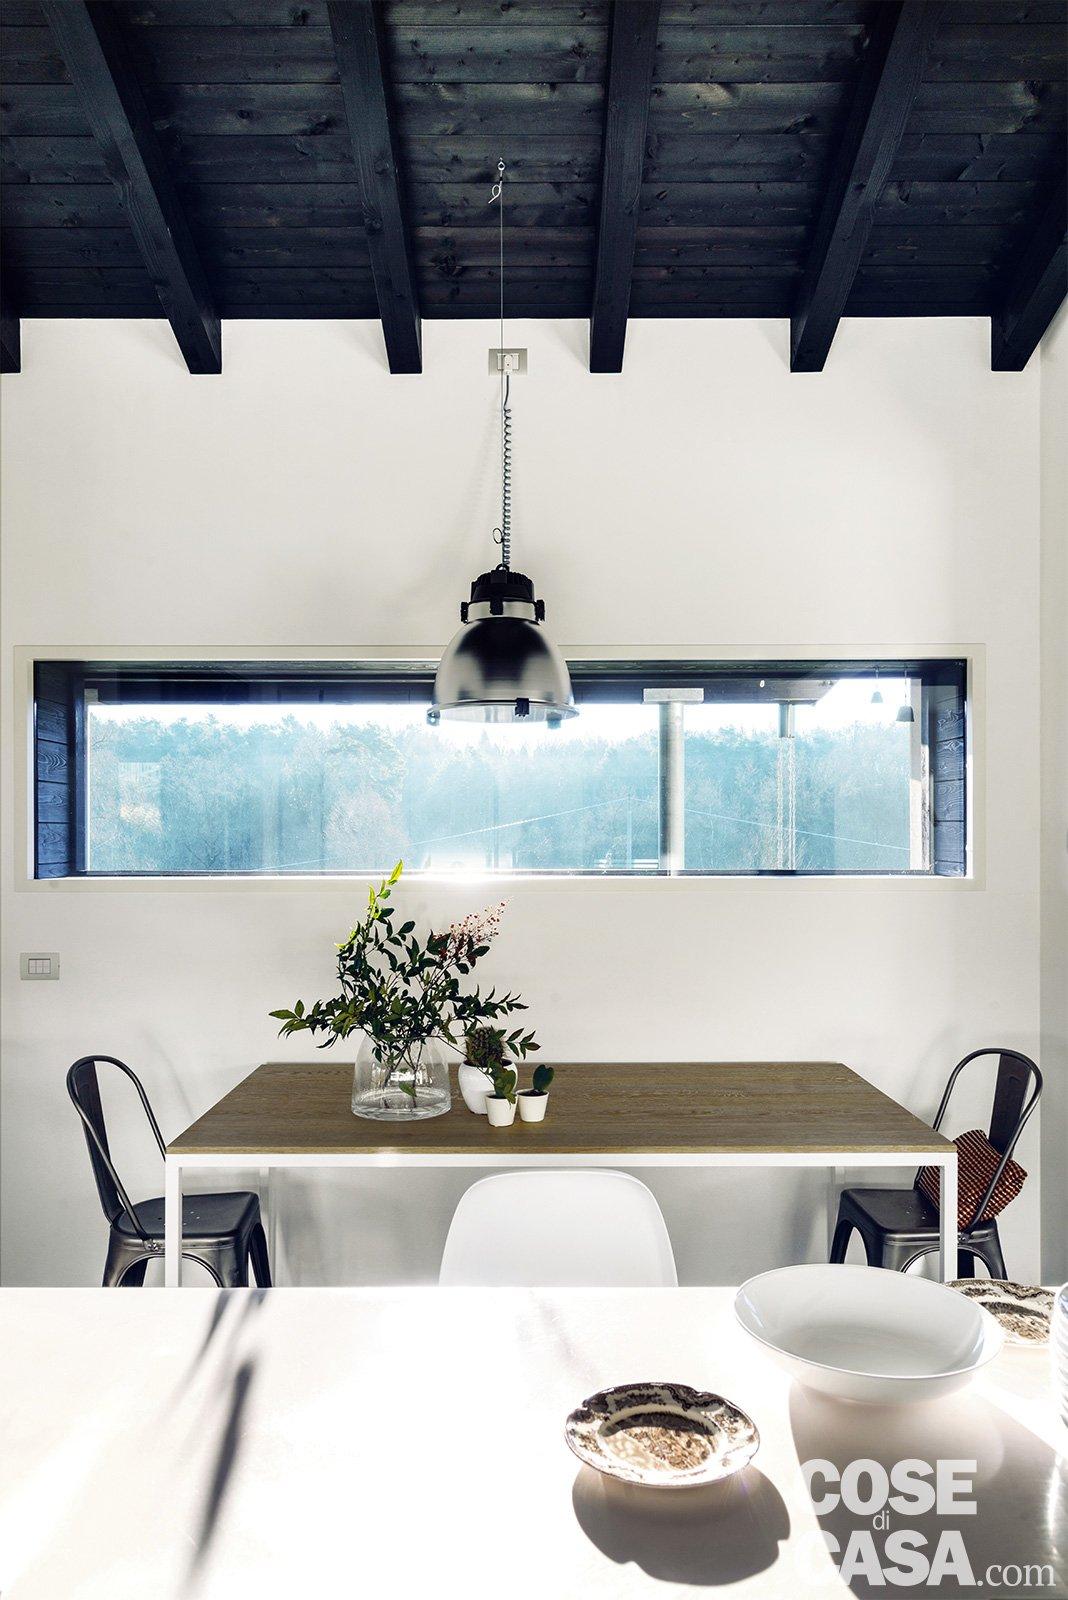 145 mq terra tetto ampi volumi a doppia altezza come in - Altezza di una finestra ...